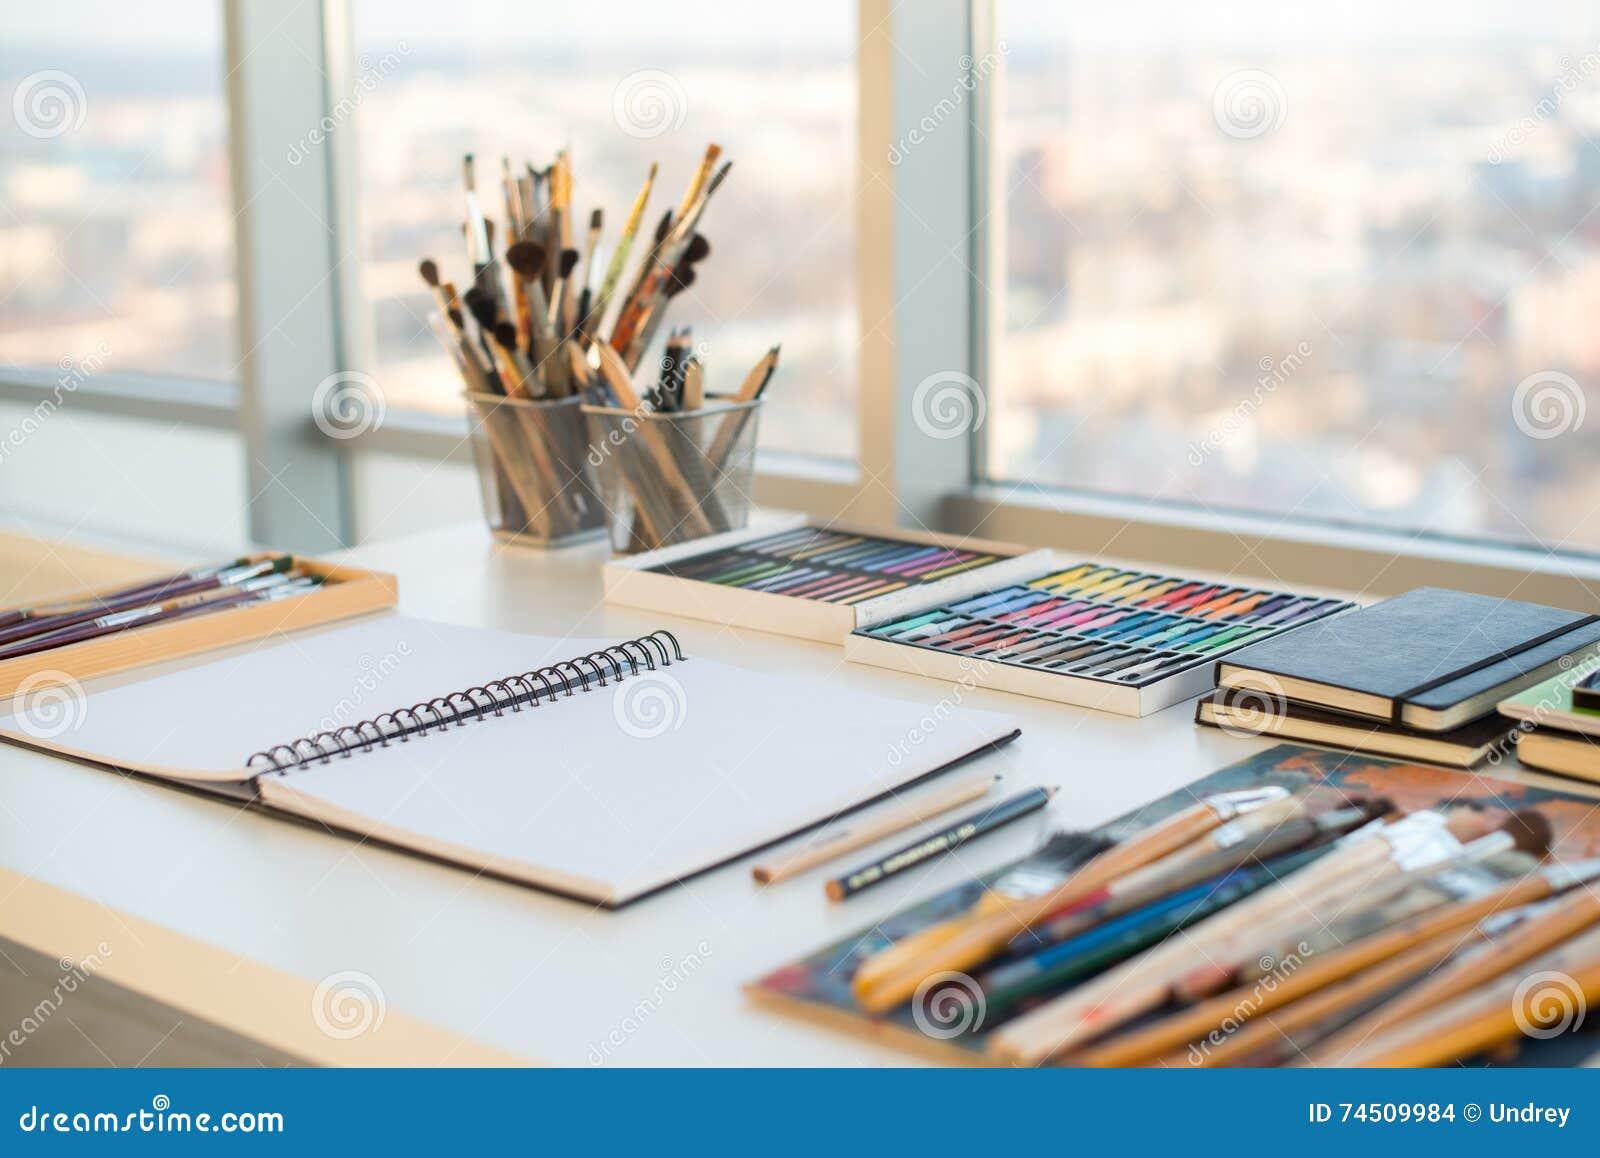 lieu de travail de peintre dans la vue de c t d 39 ordre bureau de concepteur avec l 39 quipement de. Black Bedroom Furniture Sets. Home Design Ideas